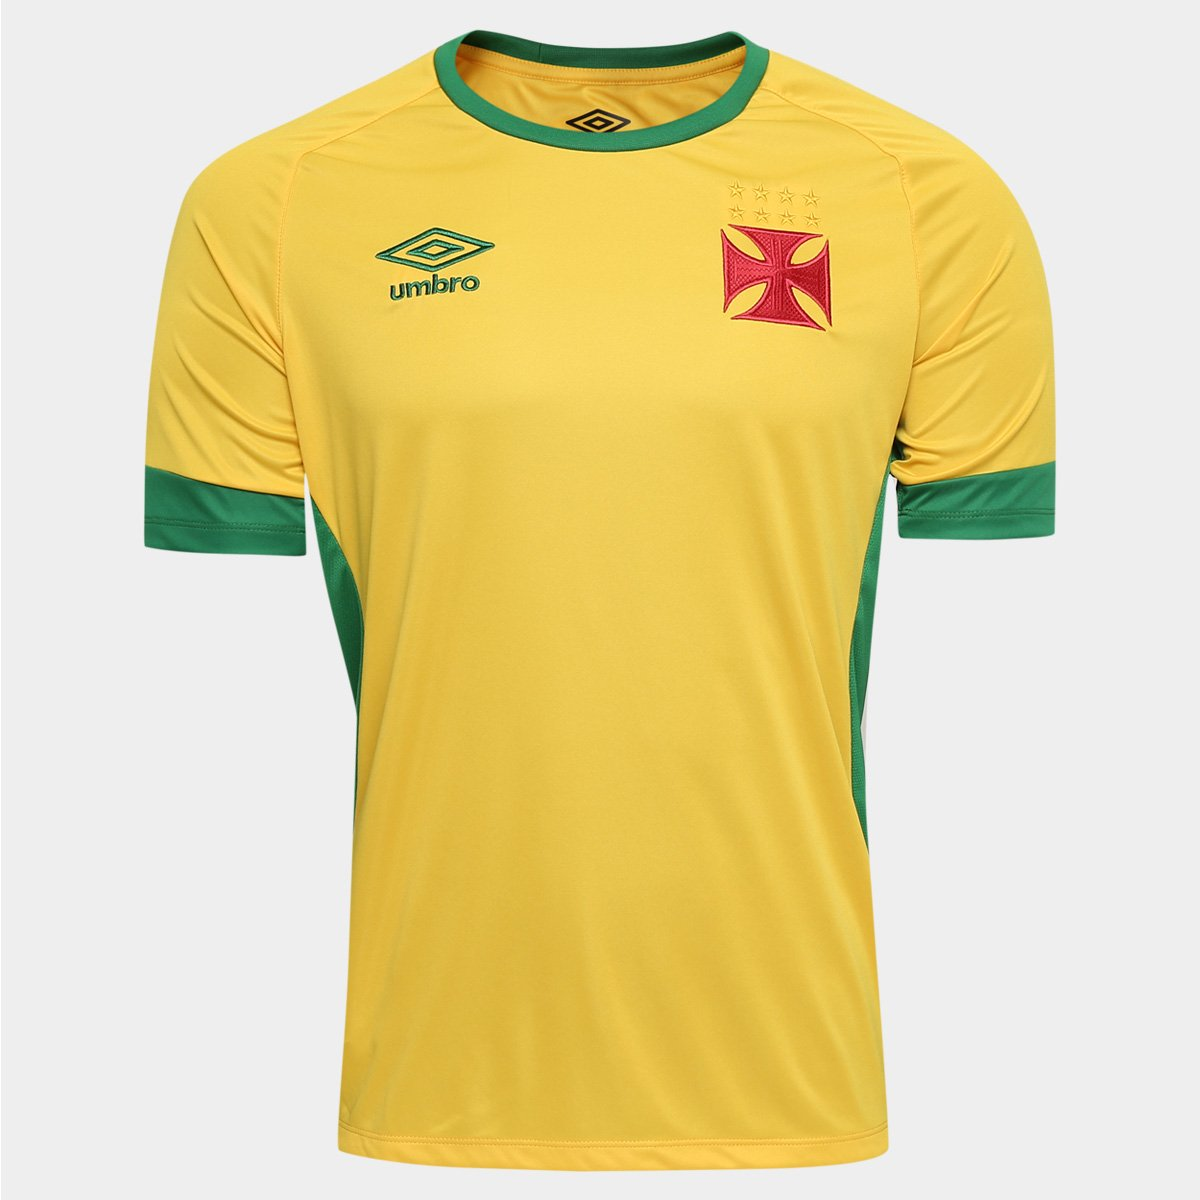 Camisa de Treino Vasco 2016 Umbro Masculina - Compre Agora  7b5bdd3015ebc